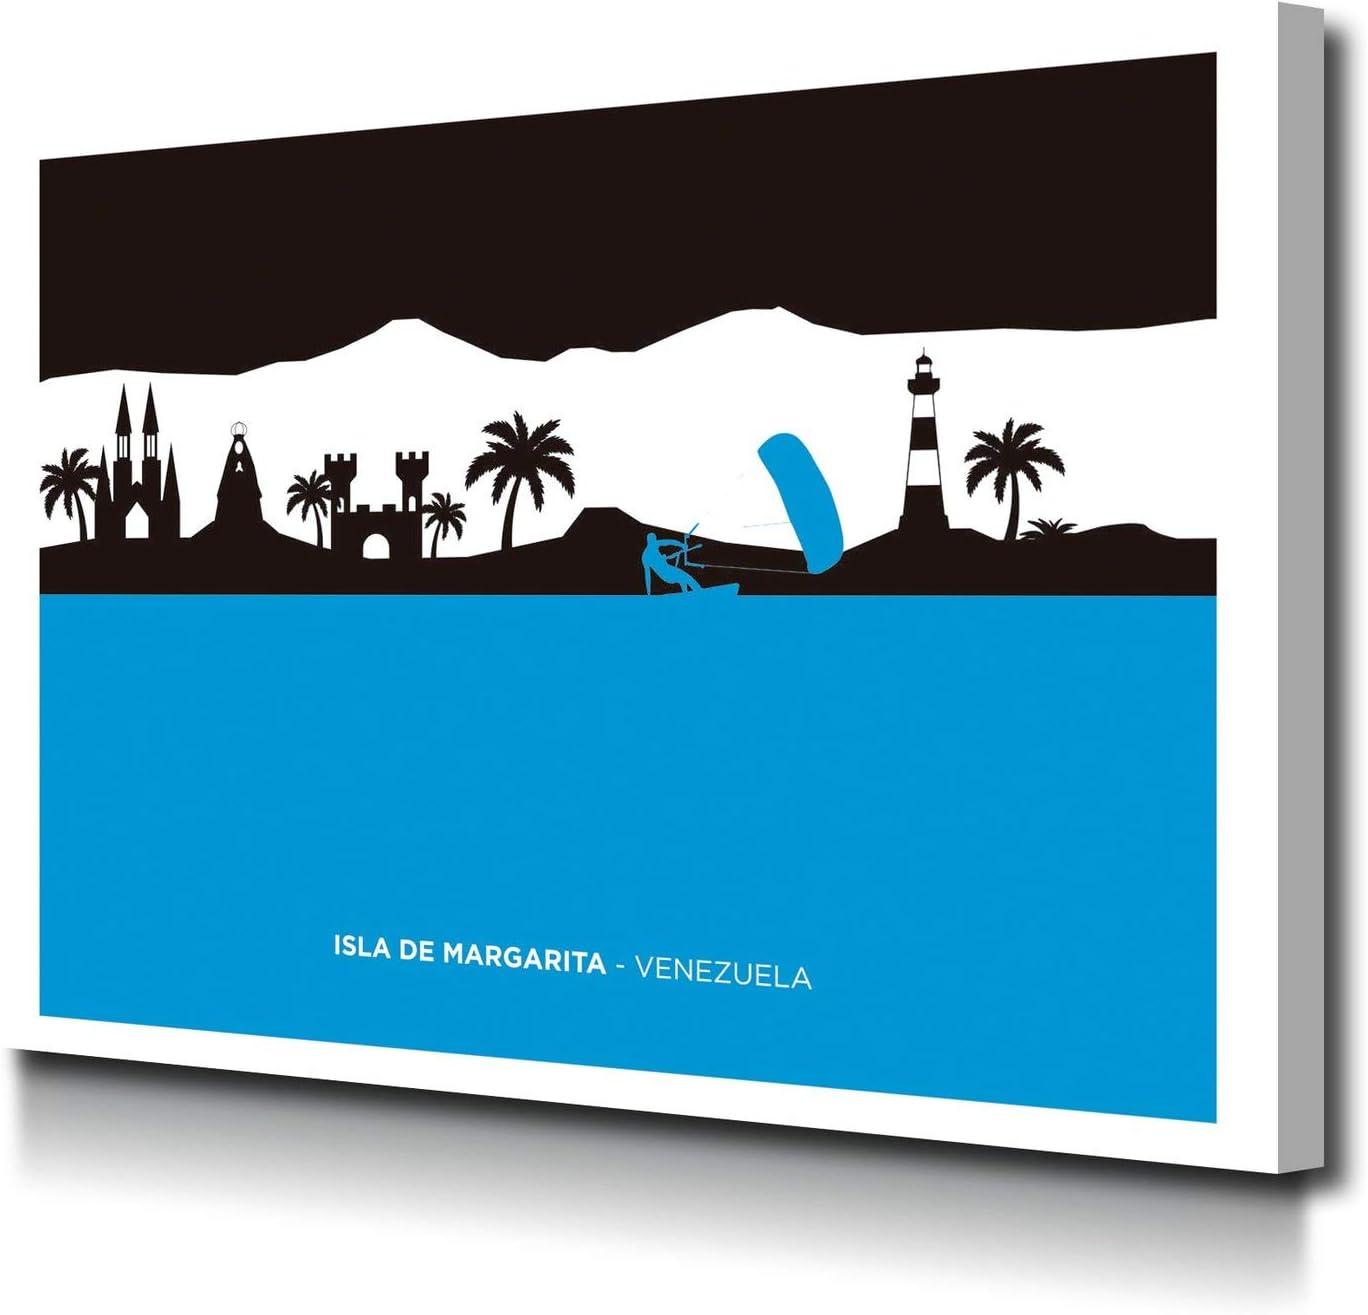 Foto Canvas Cuadro Isla de Margarita Venezuela Skyline Decoración Pared   Lienzos De Arte Moderno para El Hogar   Ideal para decoración salón   40 x 30 cm sobre Bastidor de Madera Grueso